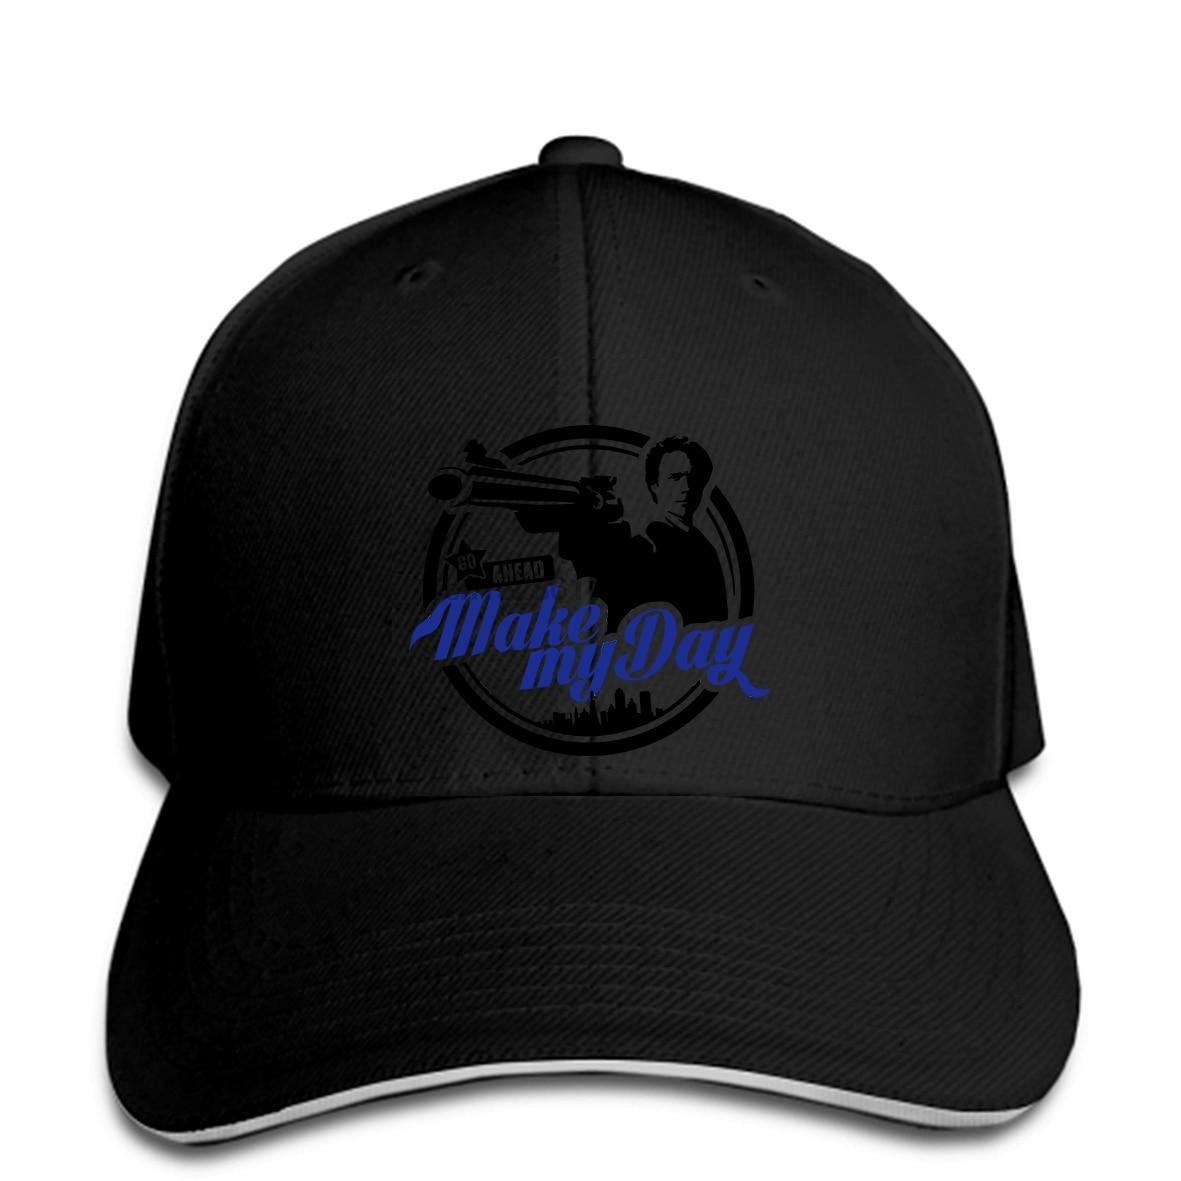 Gorra de béisbol de hombre de último diseño haz mi día gorra de béisbol de manga corta Clint easwood para adolescentes